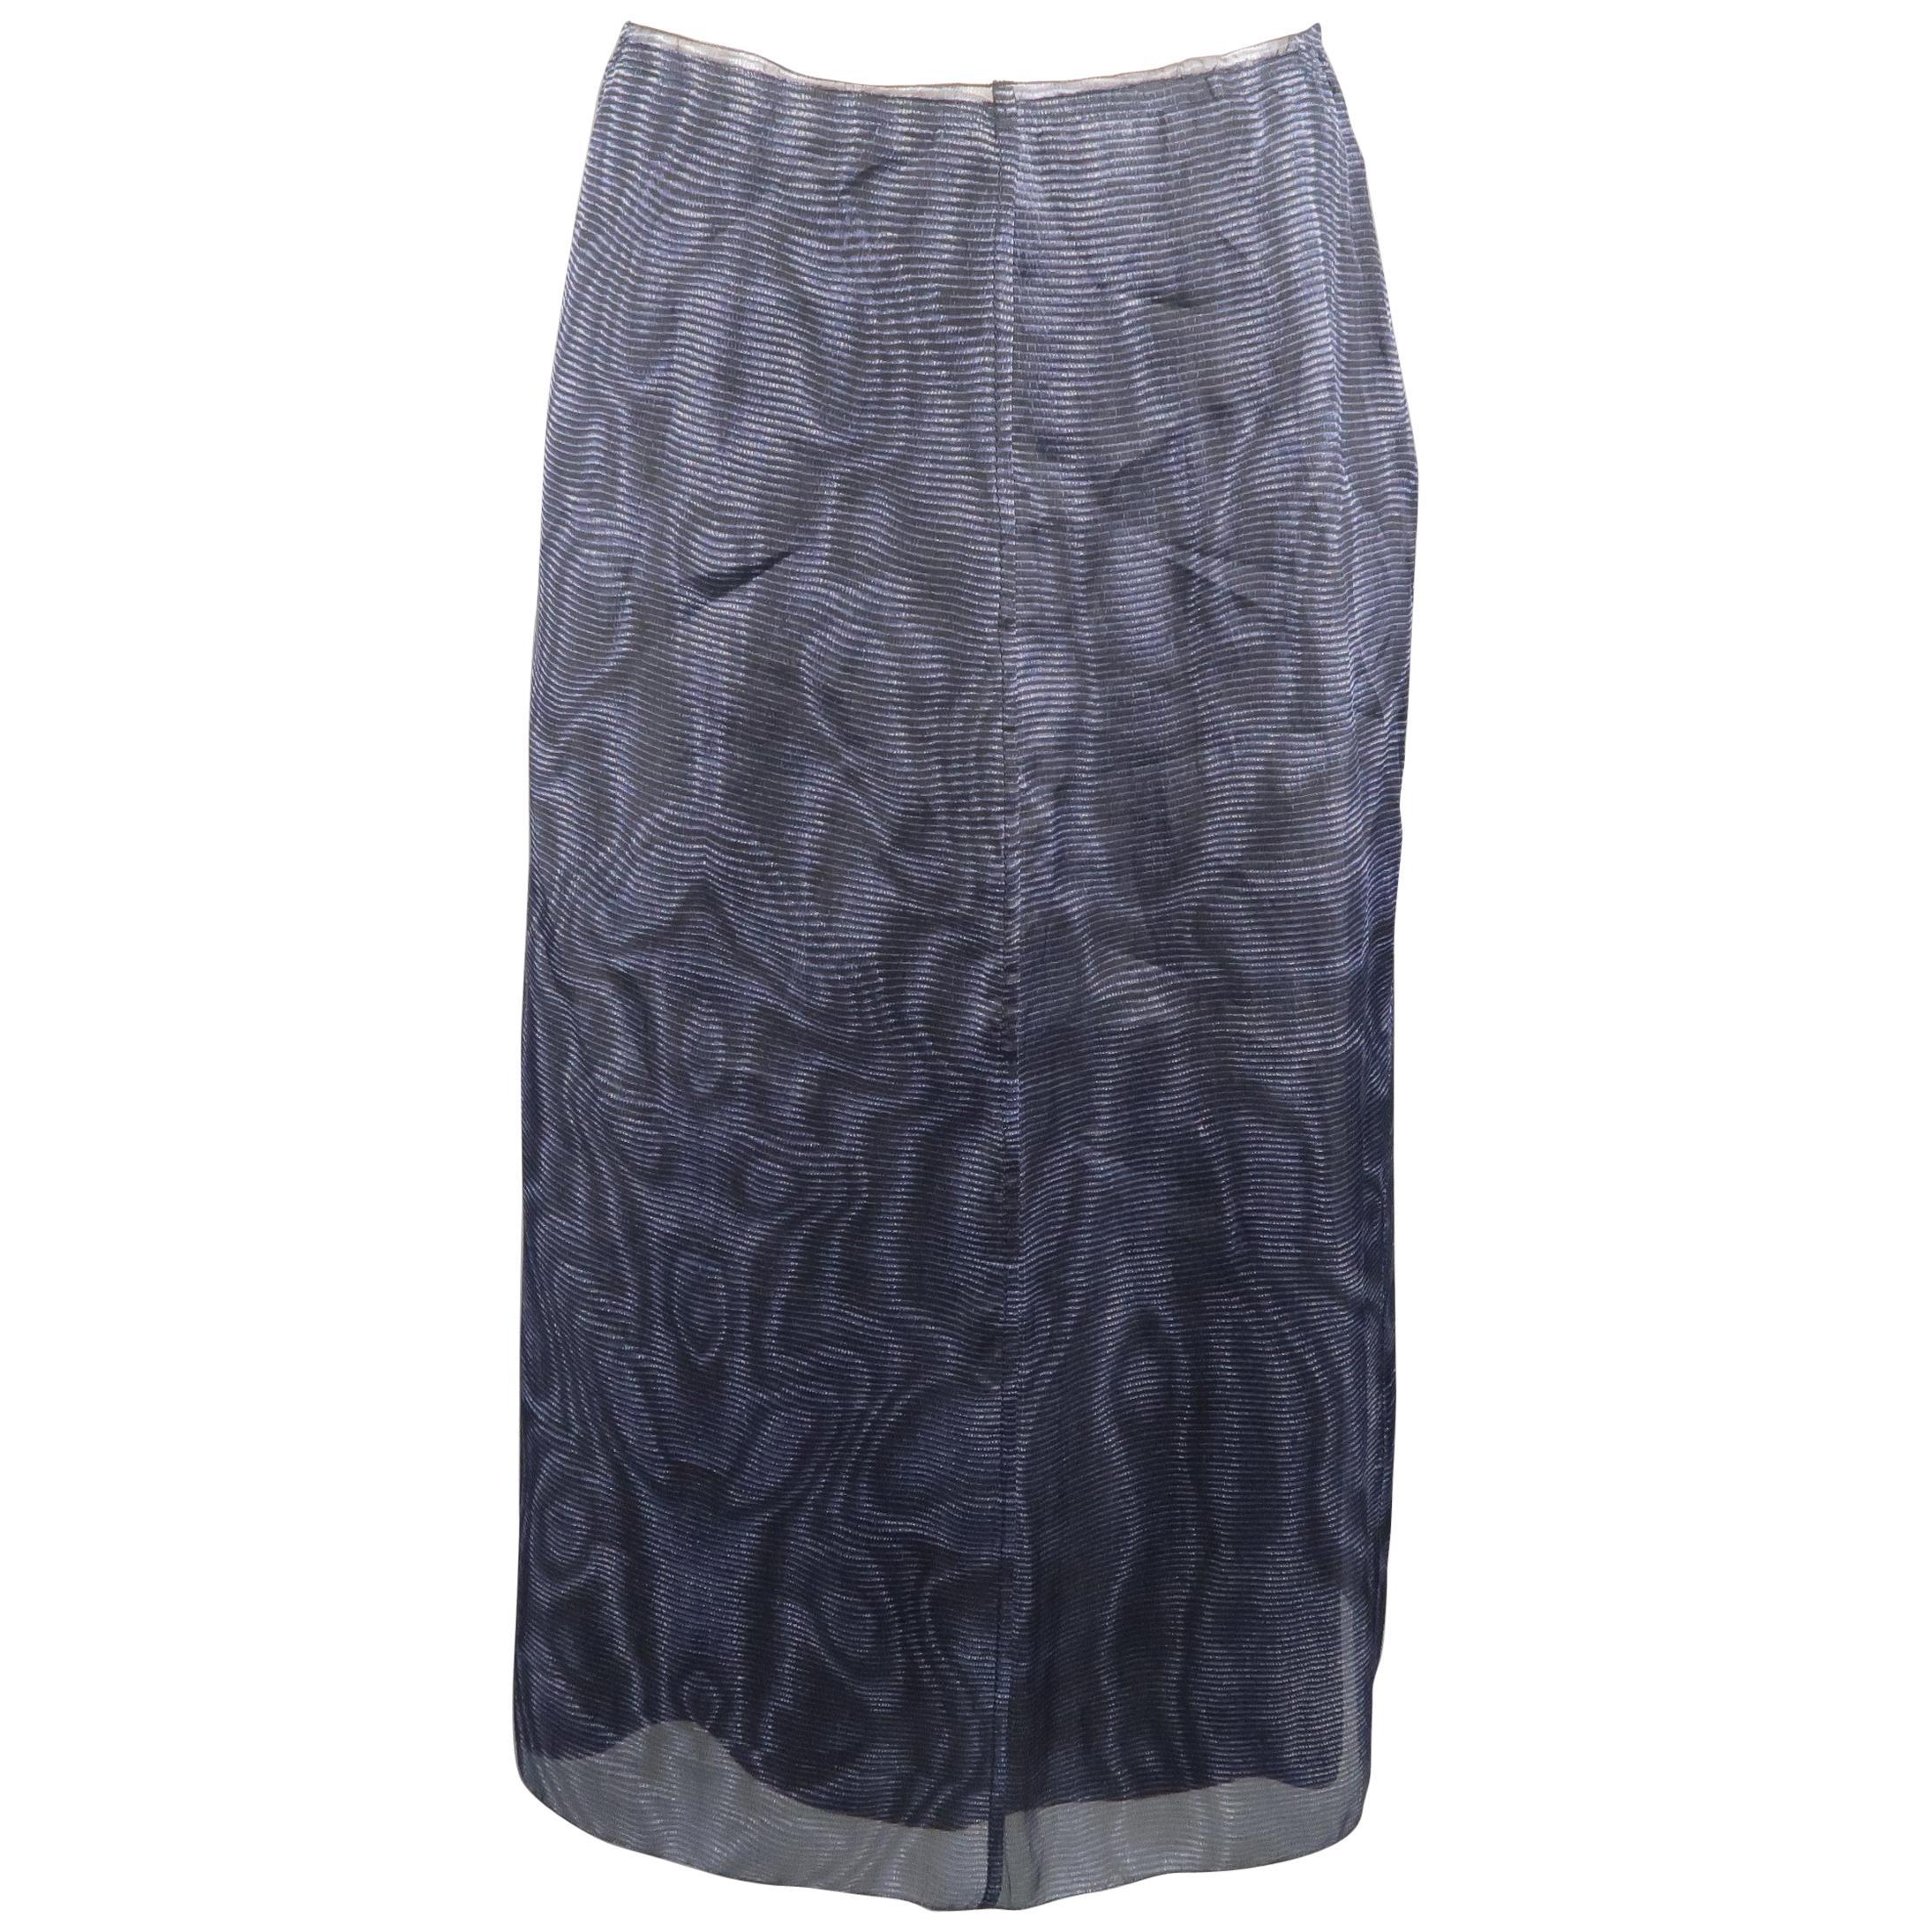 PRADA Size 6 Blue Silk Moare Pencil Skirt